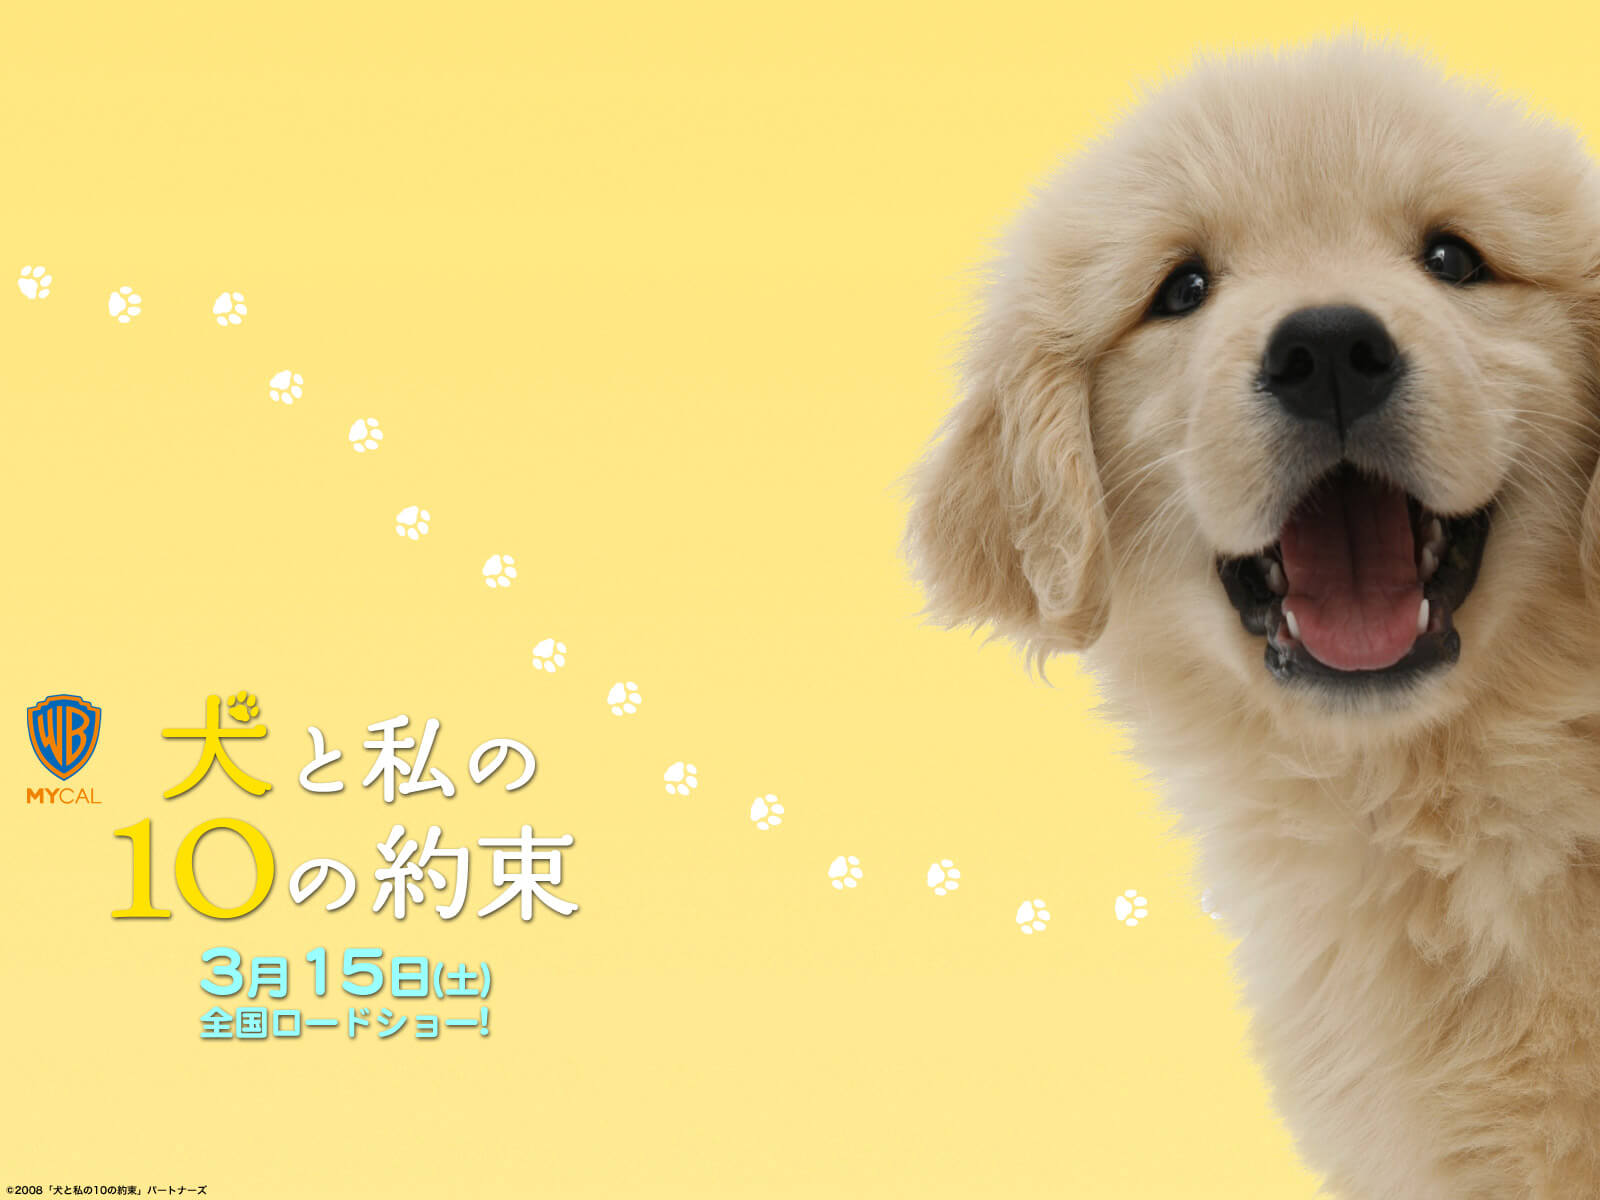 犬の十戒ポスター 子犬 ゴールデンレトリバー